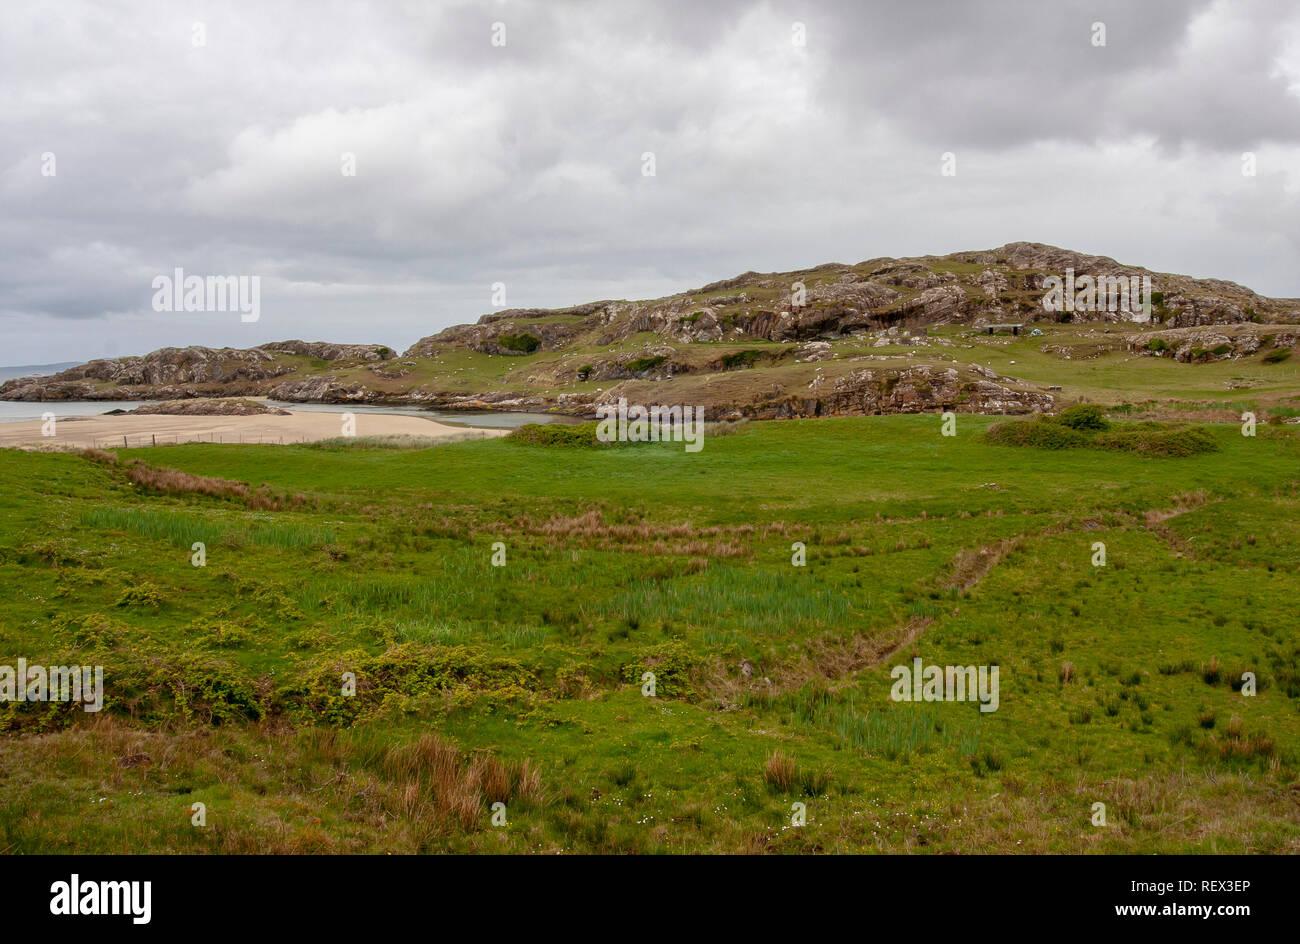 Rocks and land on the coast of County Mayo, Ireland. - Stock Image